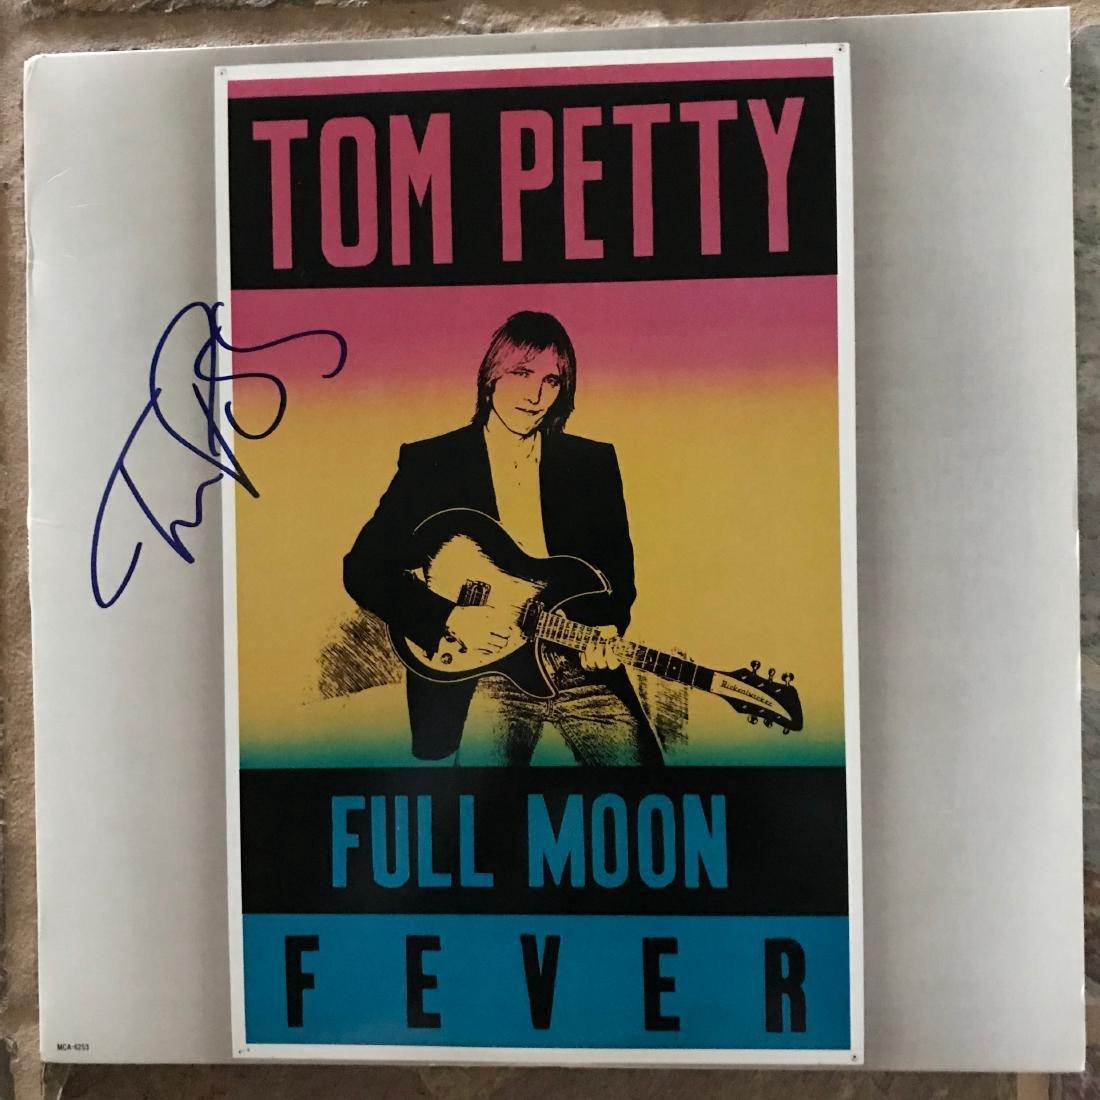 Tom Petty Signed Full Moon Fever album